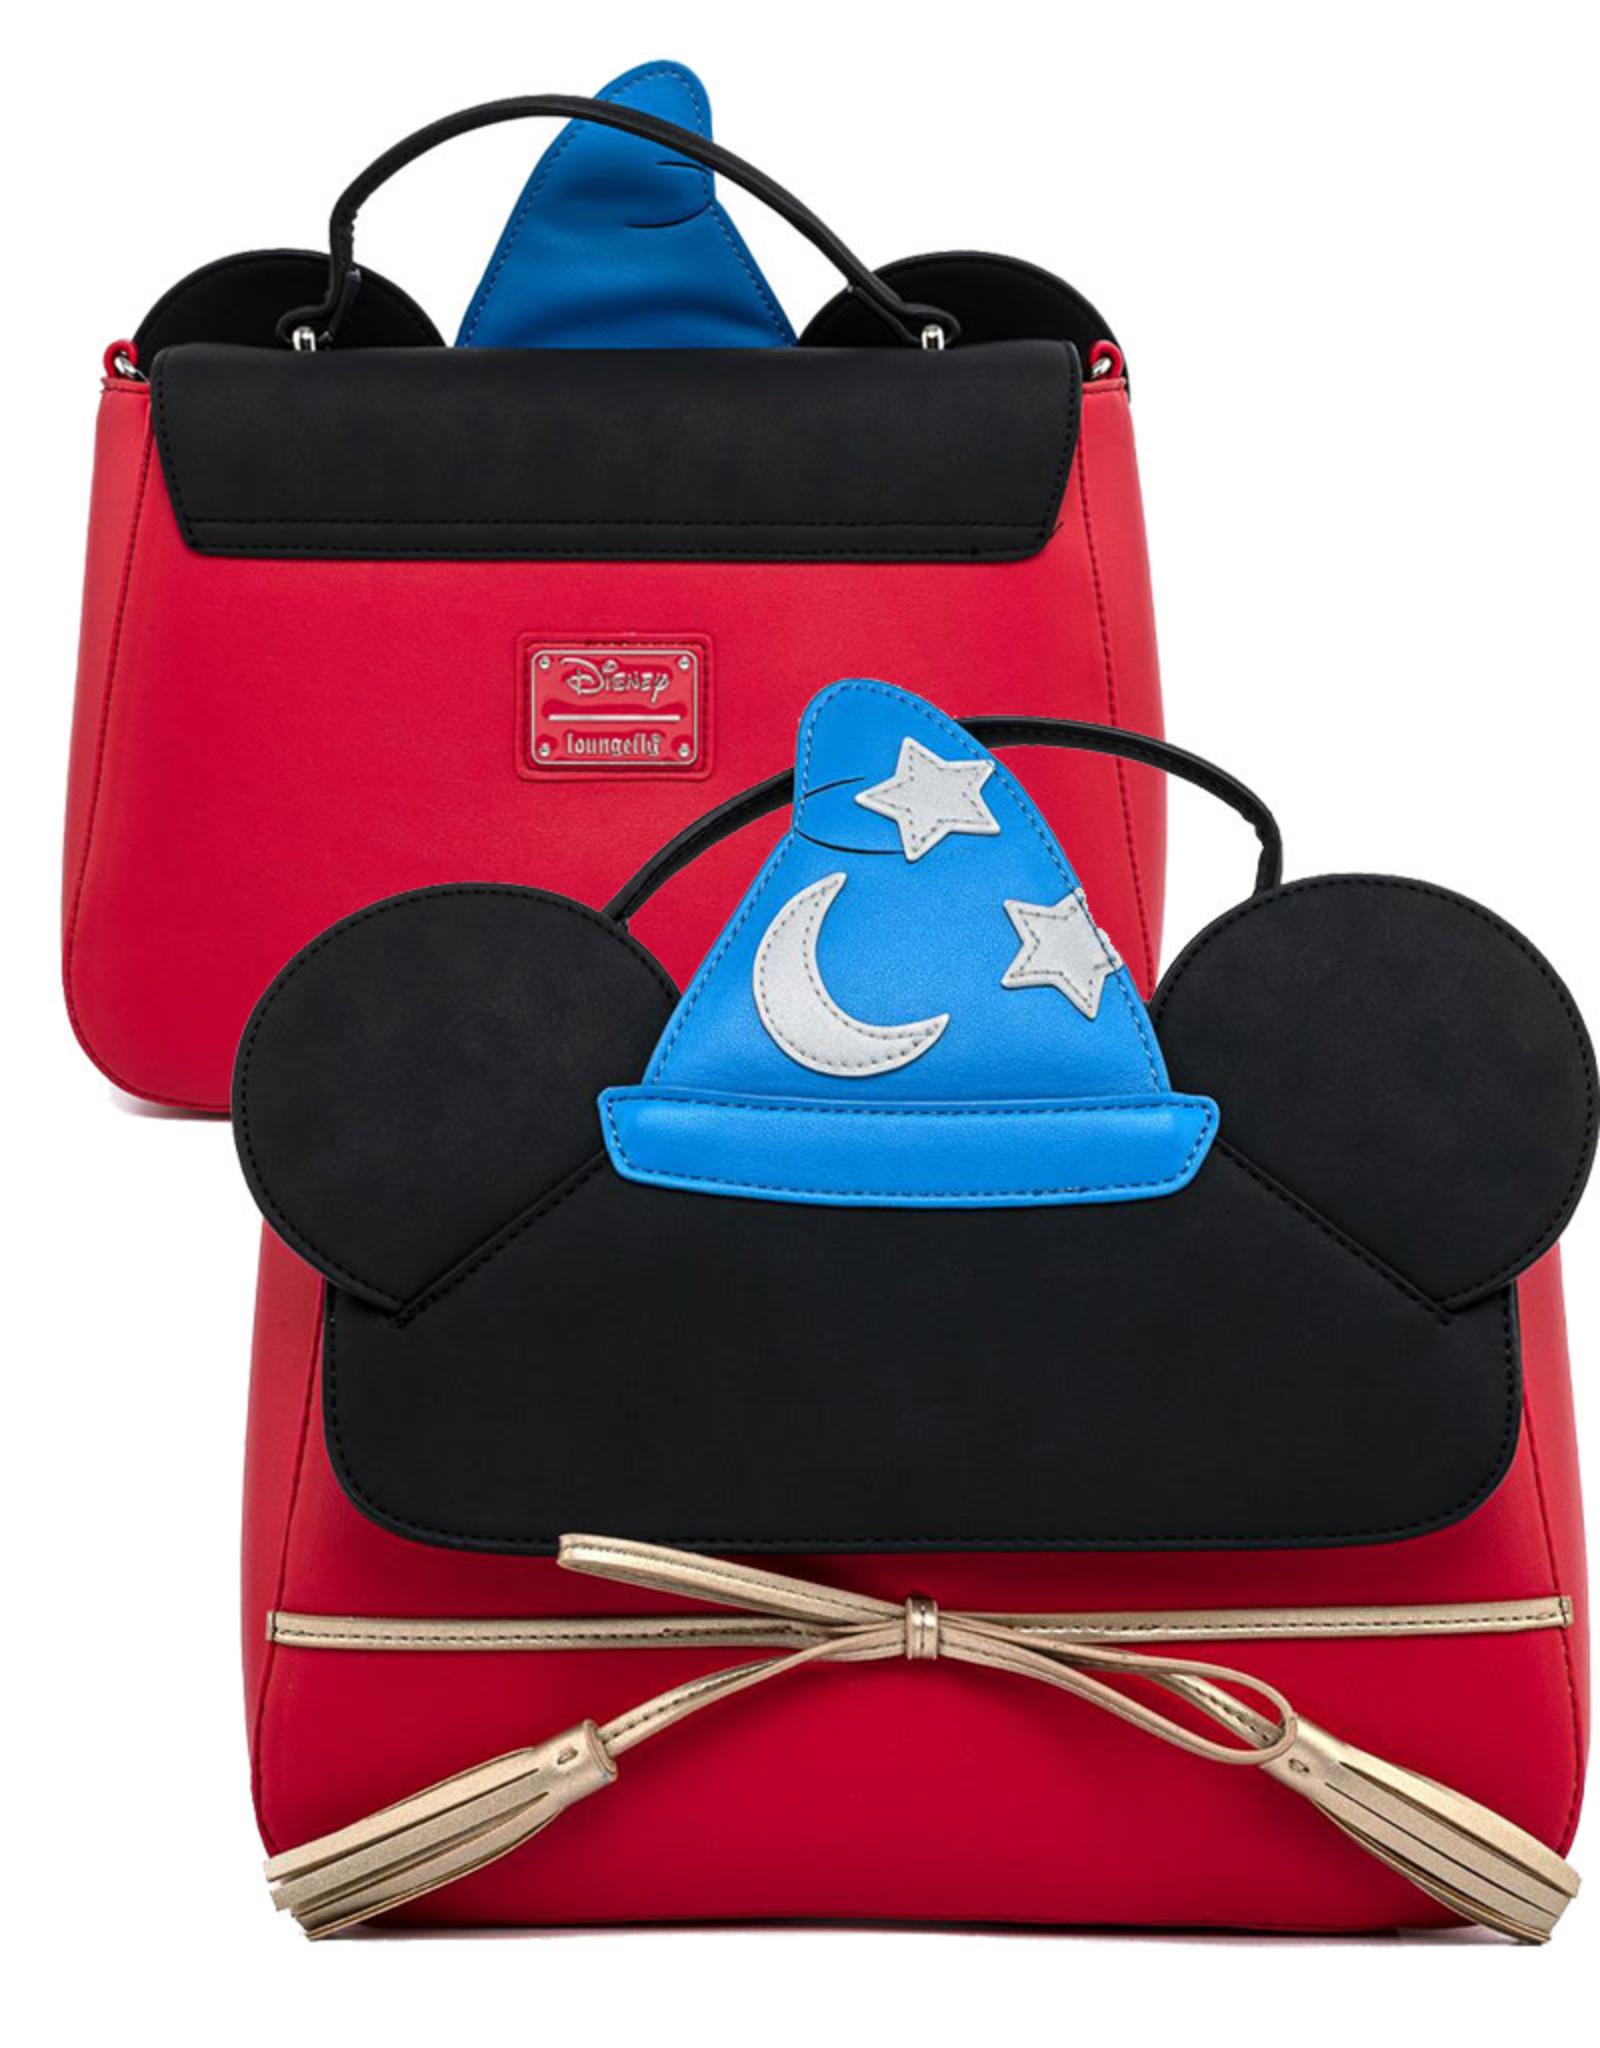 Disney Disney (  Loungefly Handbag  ) Mickey Fantasia